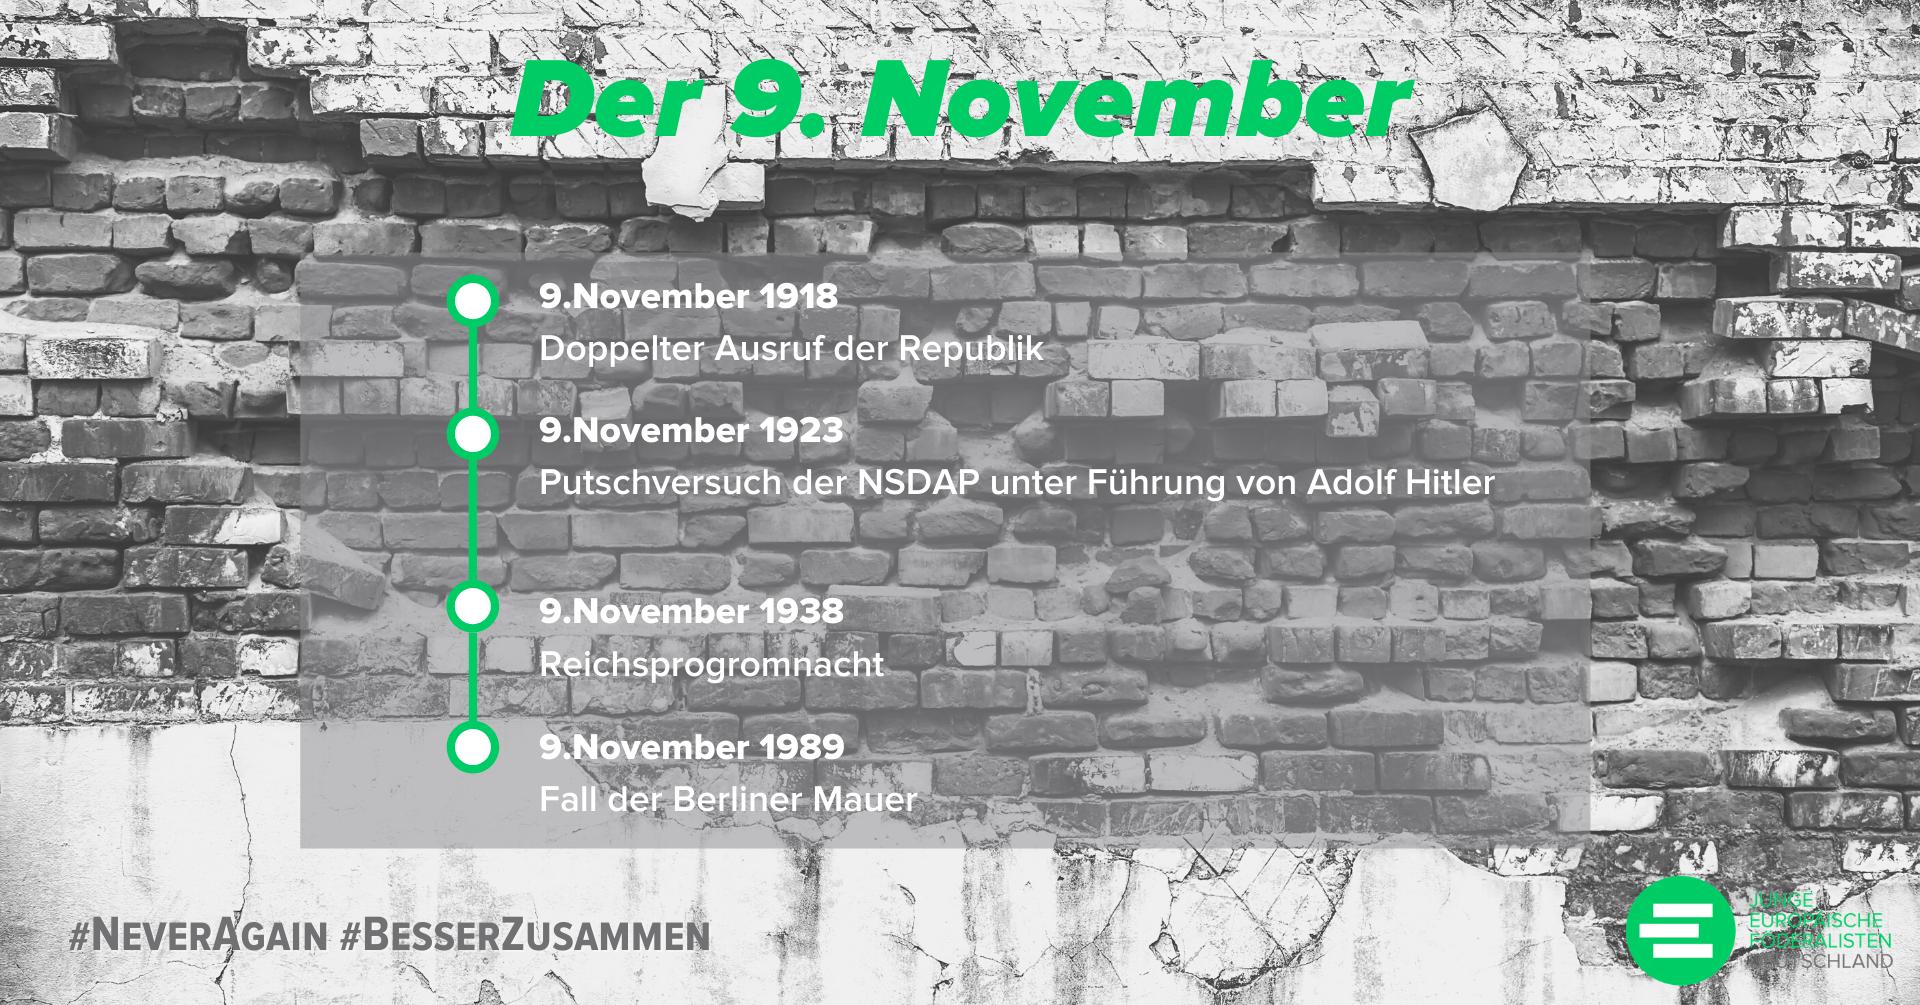 Der 9. November – ein Gedenk- und Mahntag für Deutschland und Europa